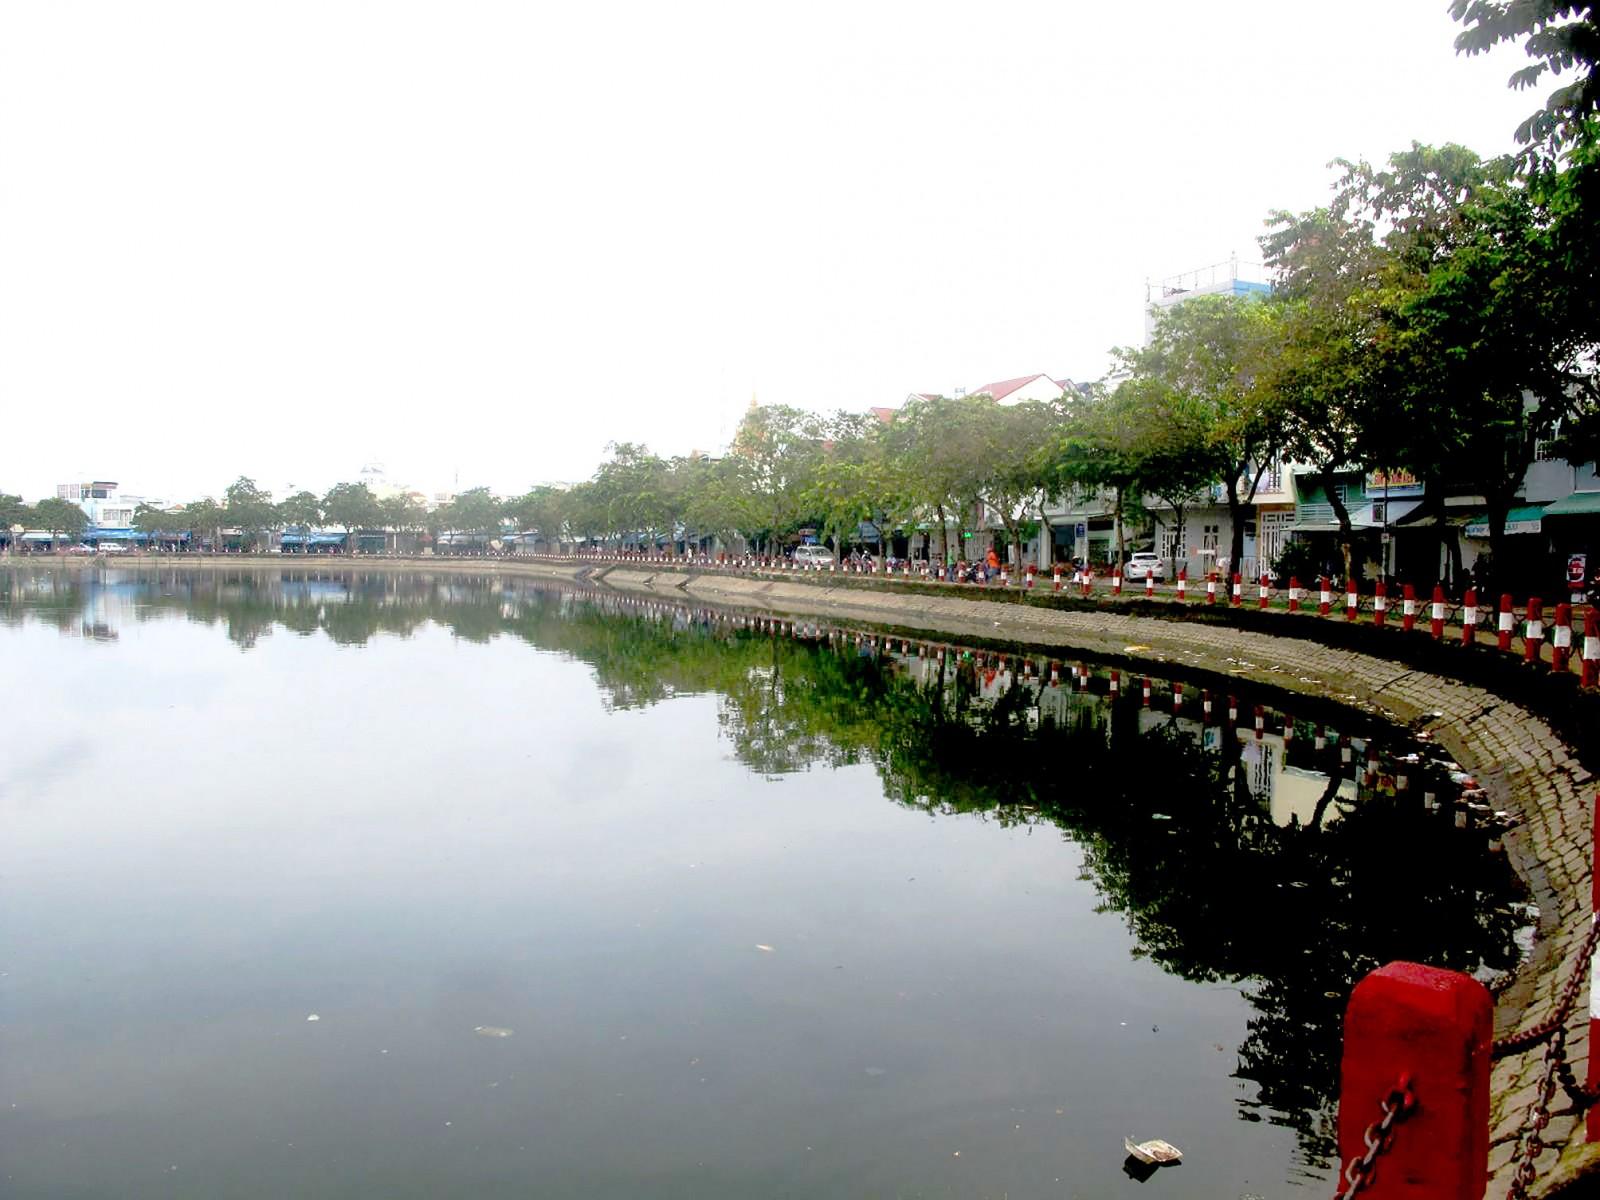 Dự án cải tạo nâng cấp hồ Xáng Thổi góp phần điều tiết nước, khí hậu, giảm ô nhiễm môi trường cho nội ô quận Ninh Kiều. Ảnh: Thiện Khiêm